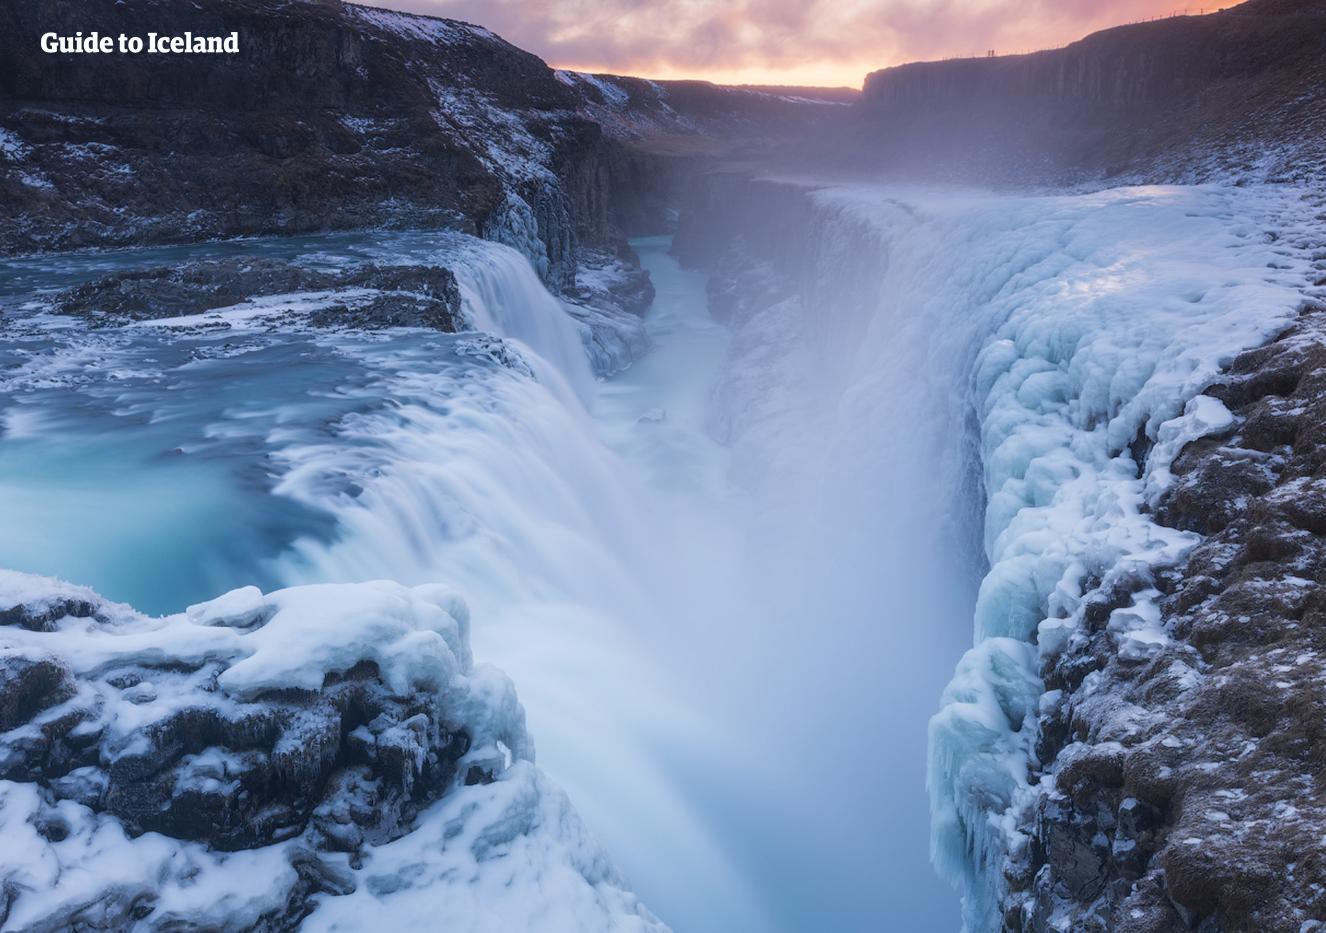 La cascada Gullfoss en invierno se rodea de hielo y nieve, pero el río Hvíta sigue fluyendo con fuerza.